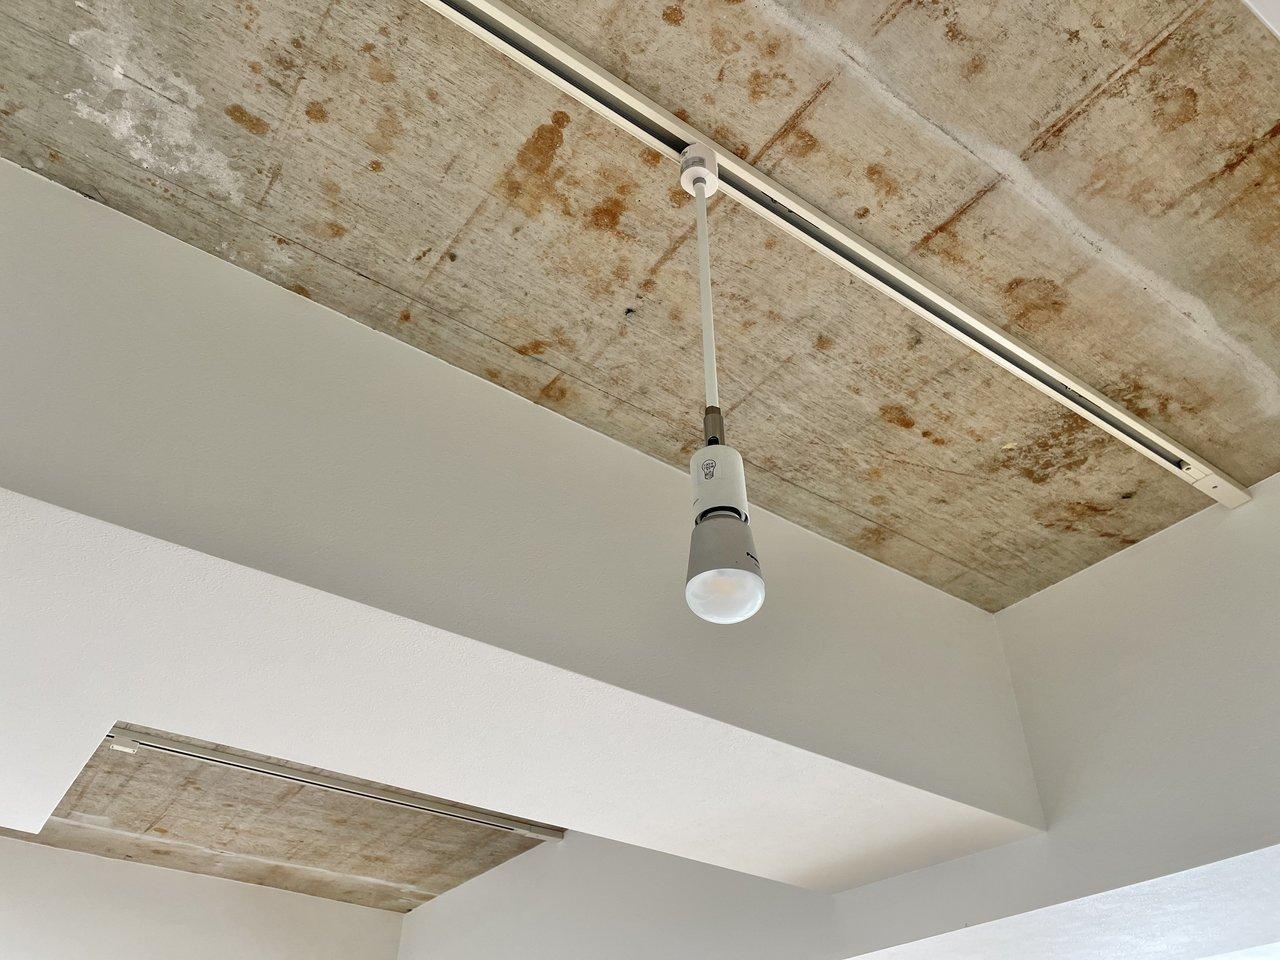 一部の天井はざっくり剥き出しのコンクリートで、ちょっとかっこいい雰囲気ですよ。